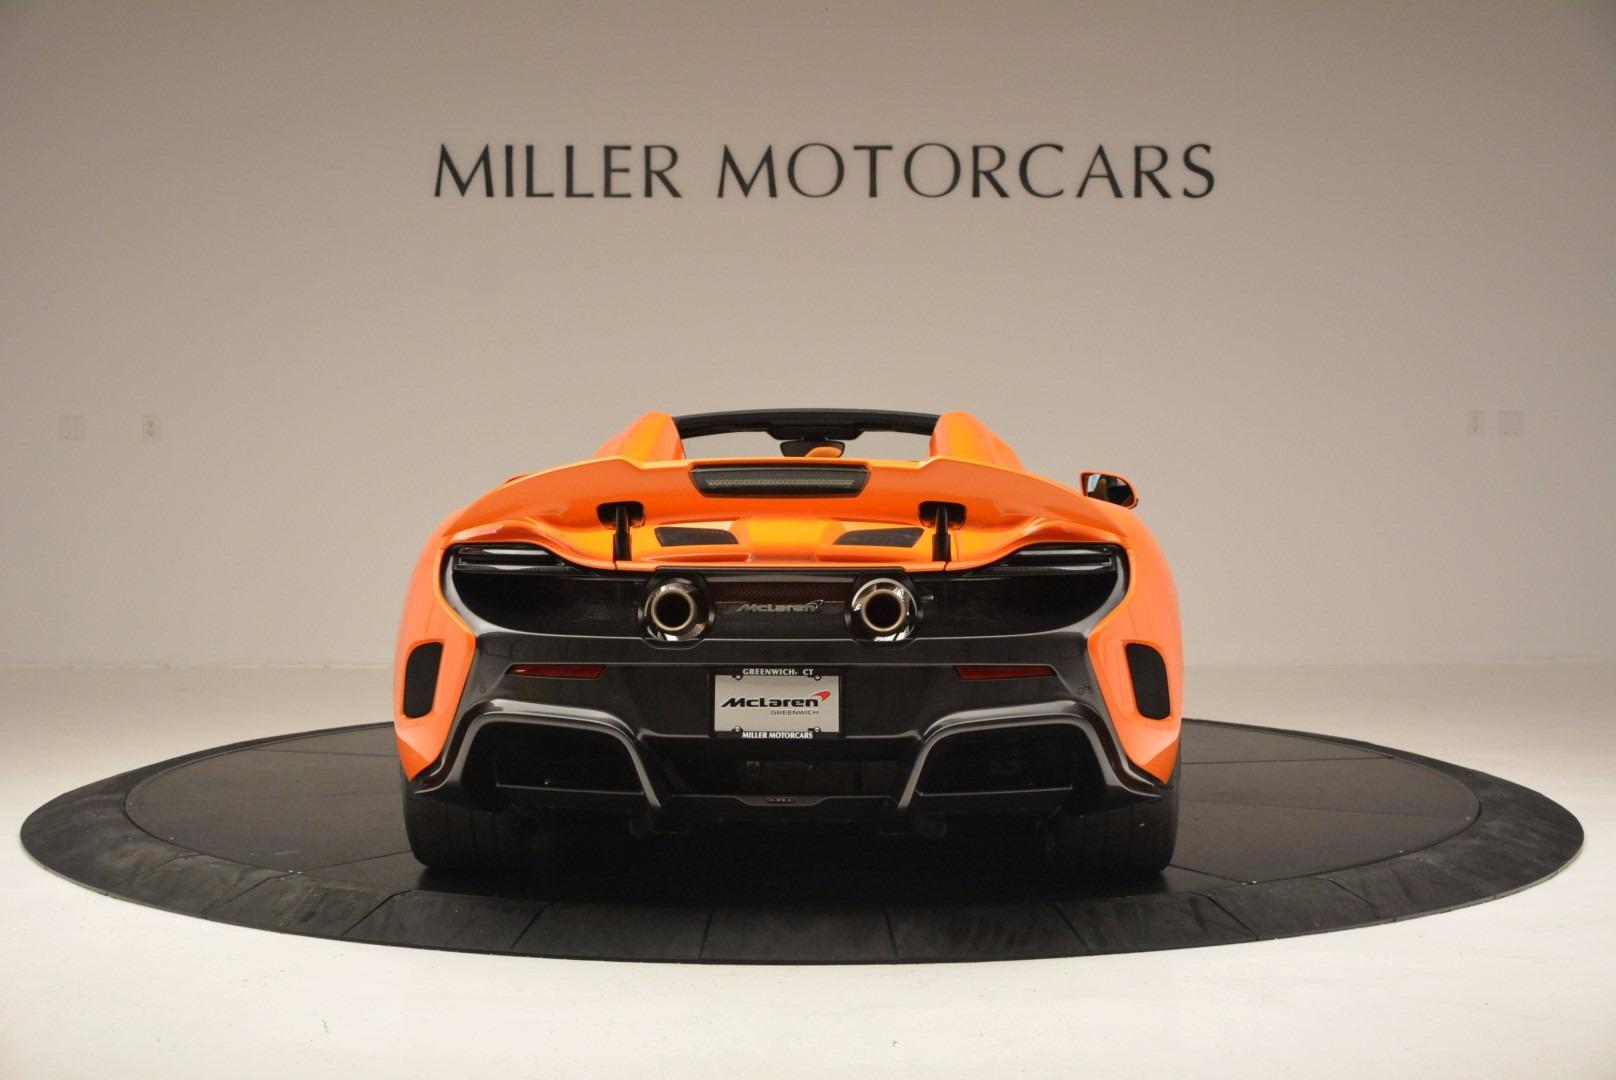 Used 2016 McLaren 675LT Spider Convertible For Sale In Westport, CT 1150_p6